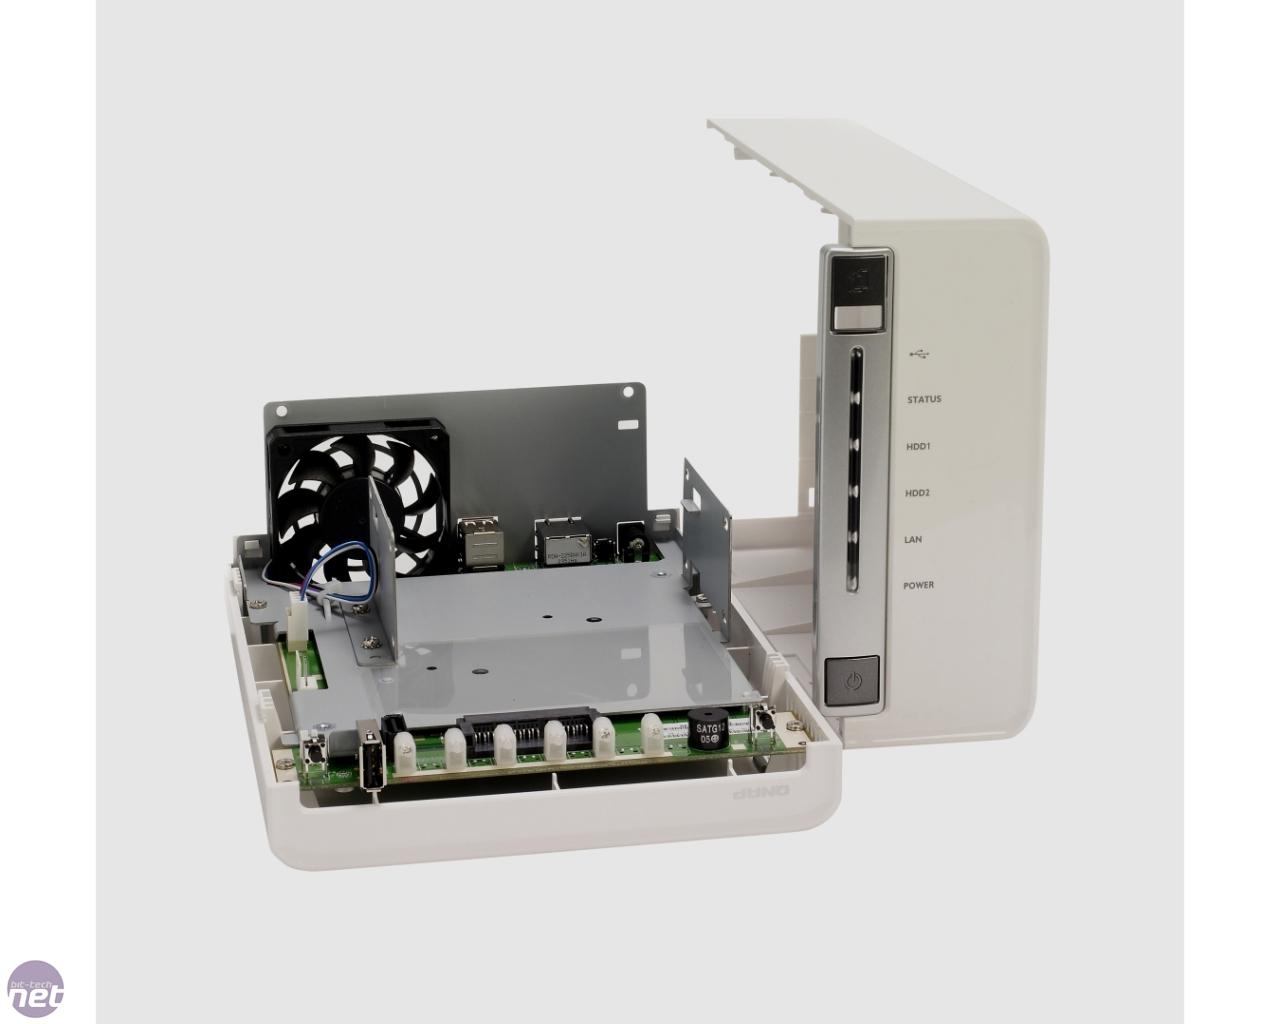 http://images.bit-tech.net/content_images/2010/11/qnap-ts-210-turbo-nas/qnap-210j-1l.jpg